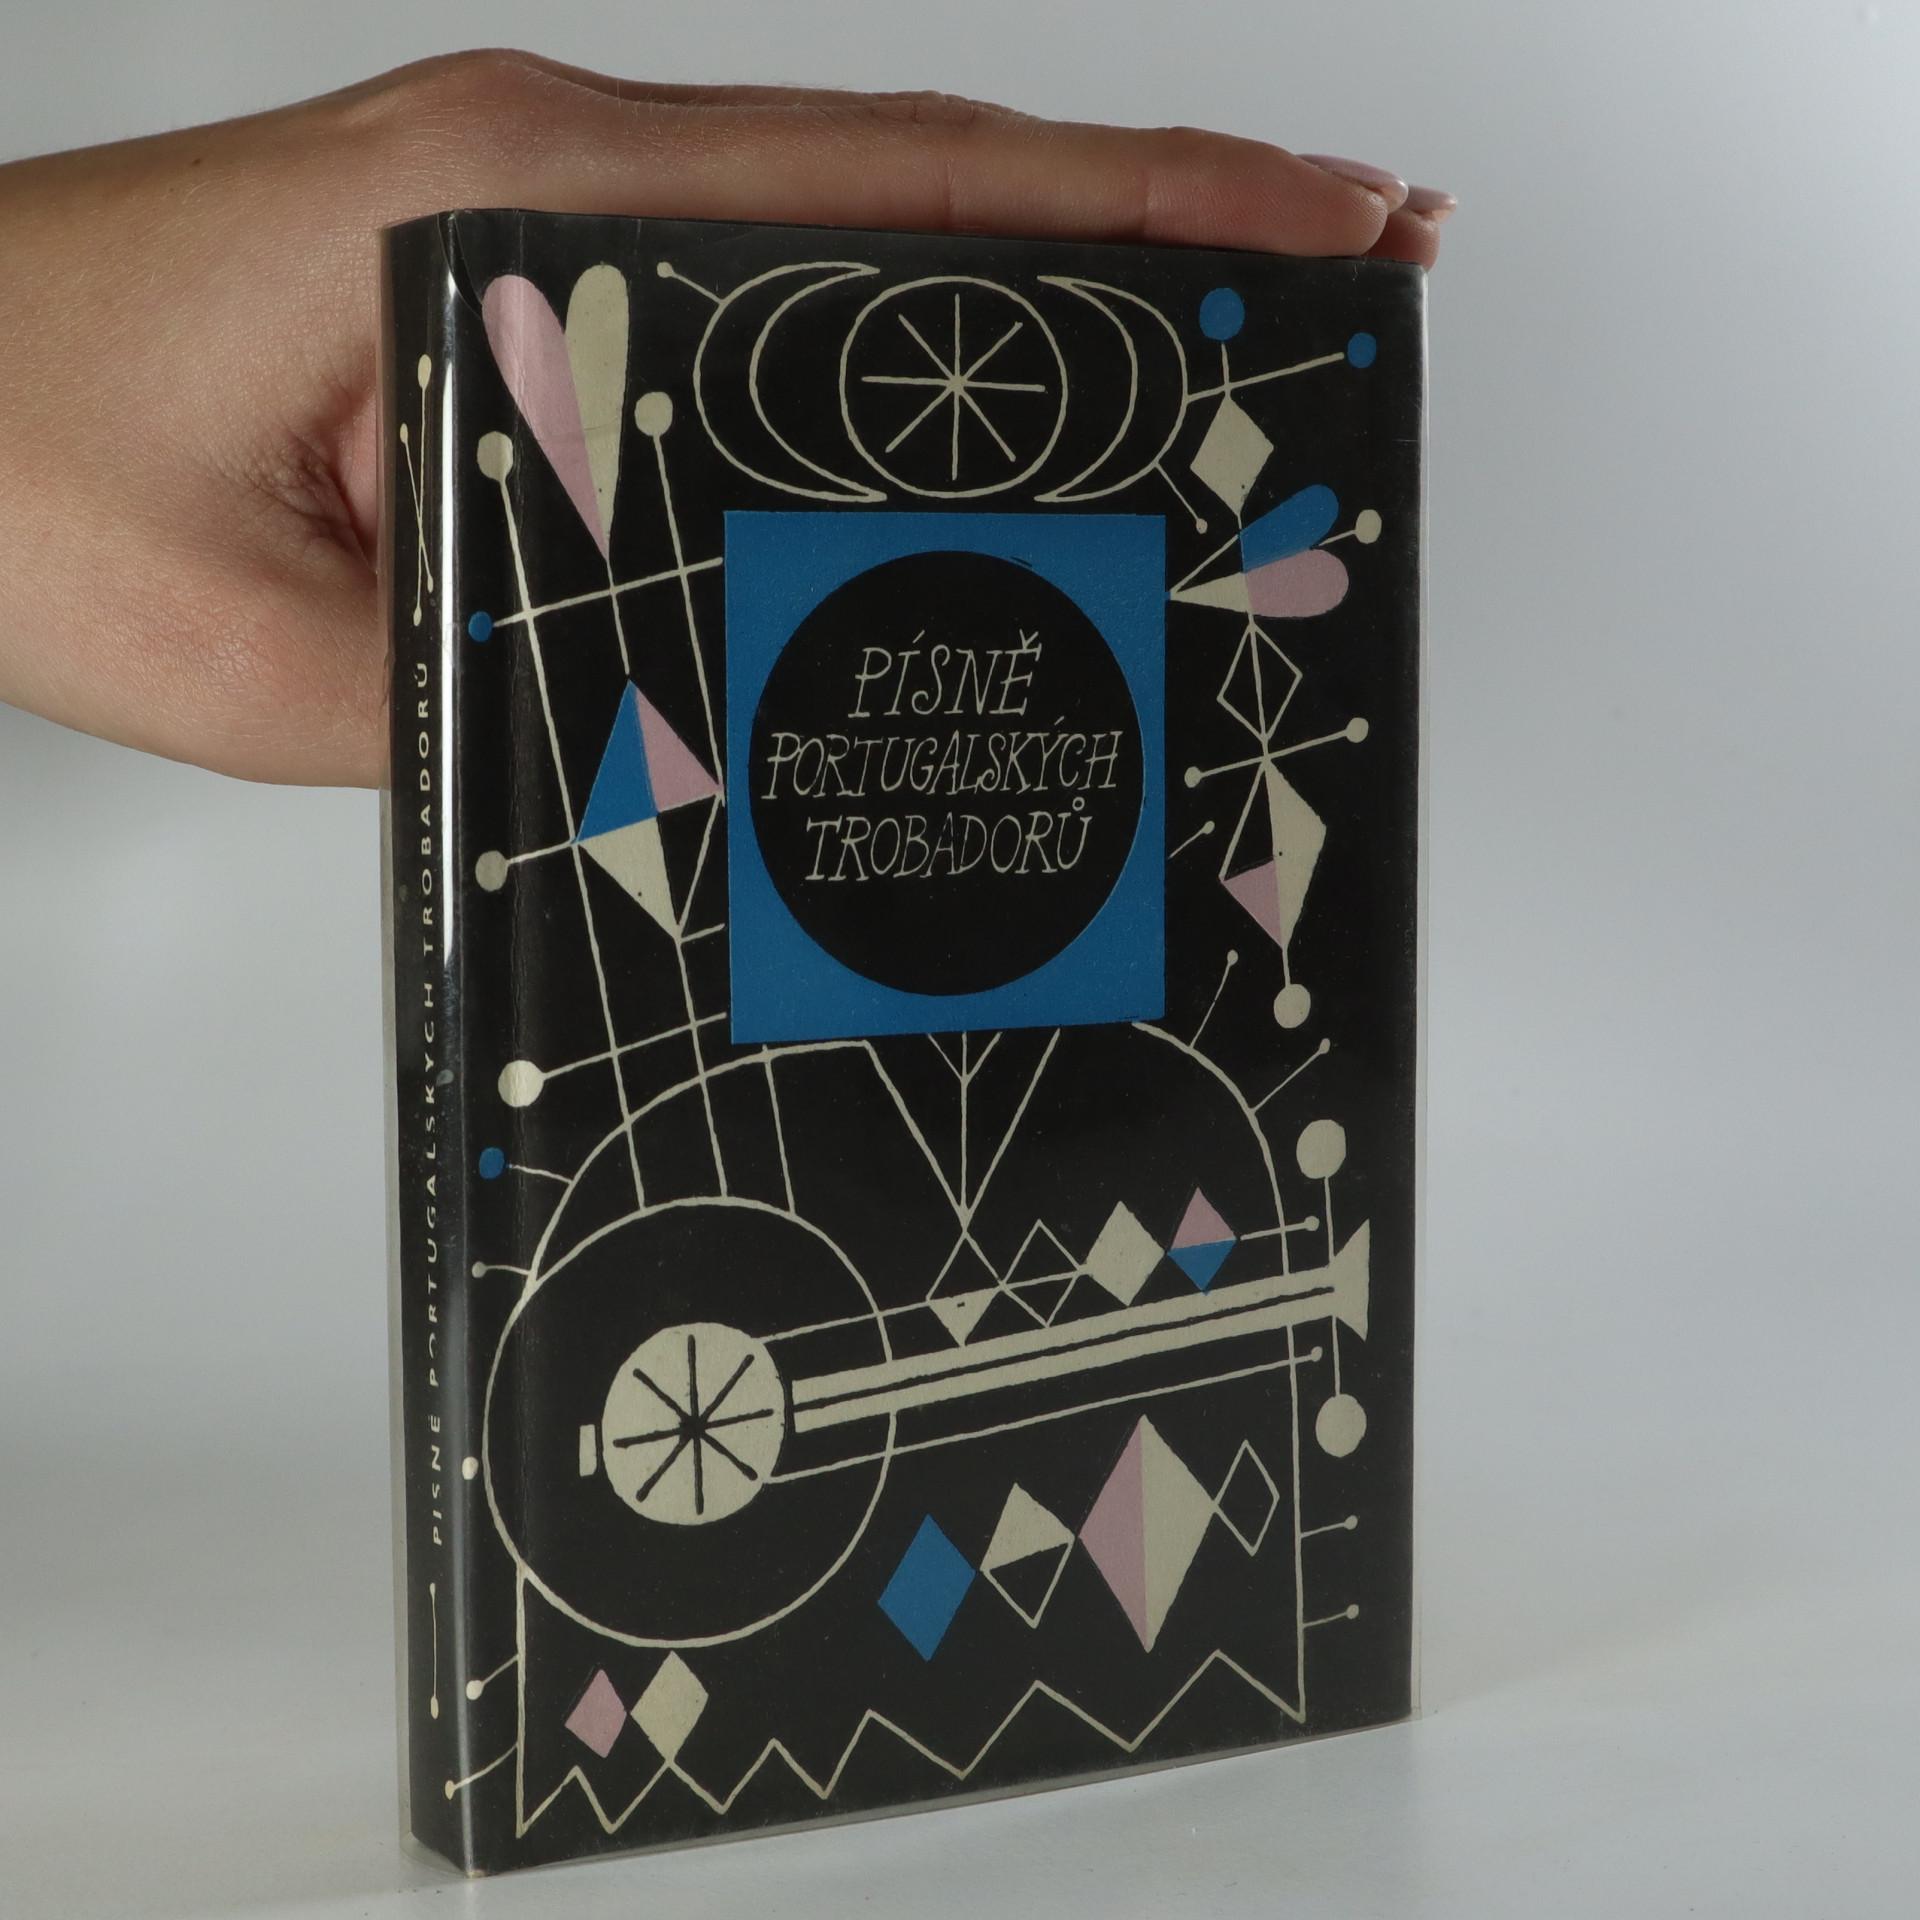 antikvární kniha Písně portugalských trobadorů, 1983